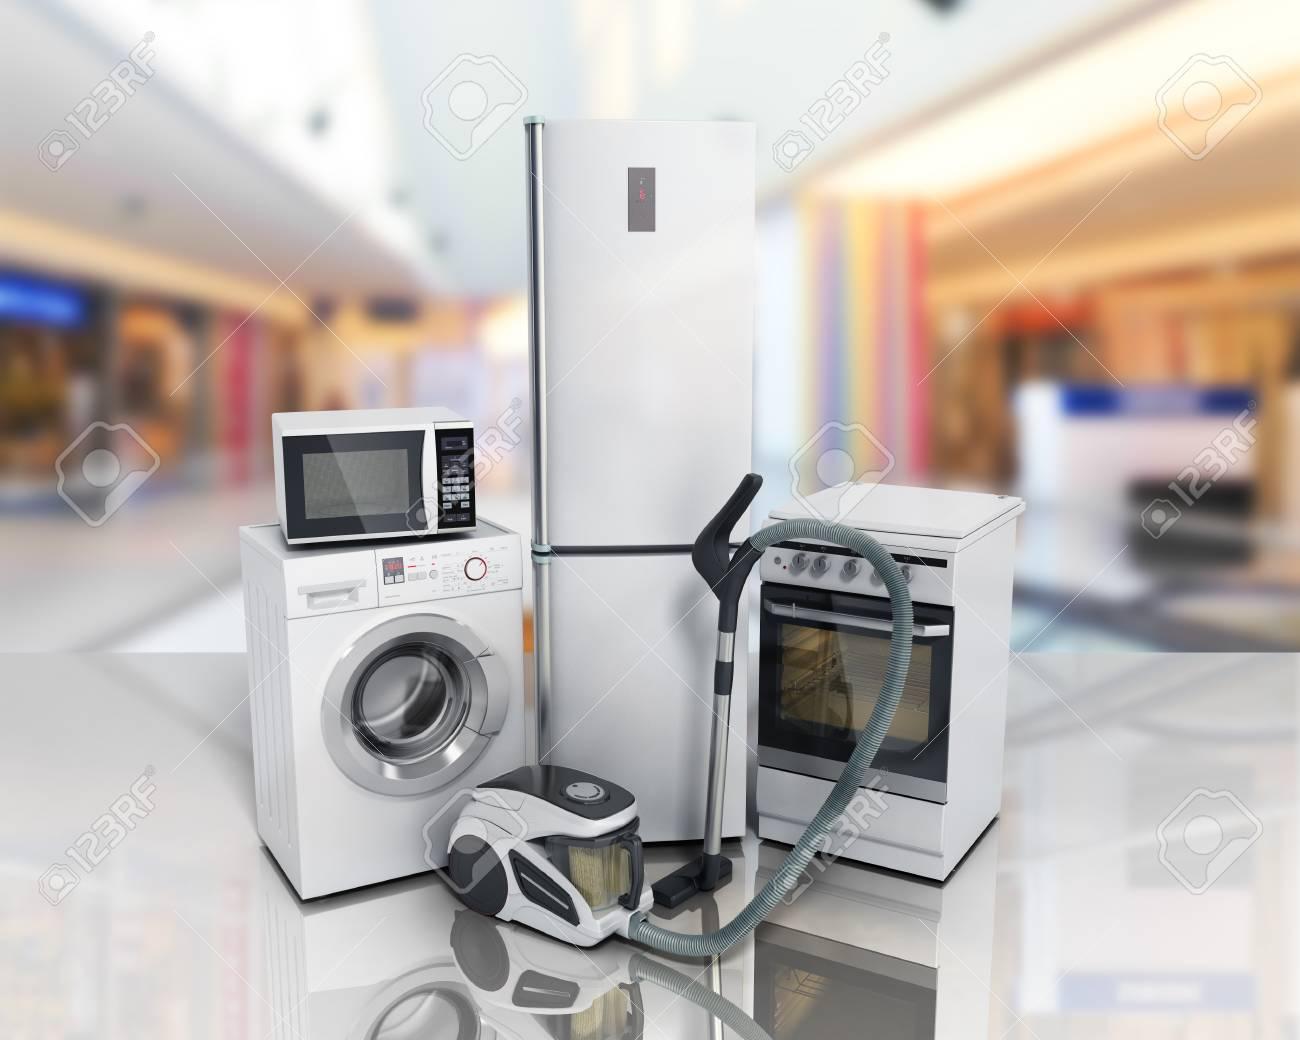 Siemens Kühlschrank Piept Beim Einschalten : Kühlschrank q: side by side lg gsp nsqz a kühlschrank amazon elektro